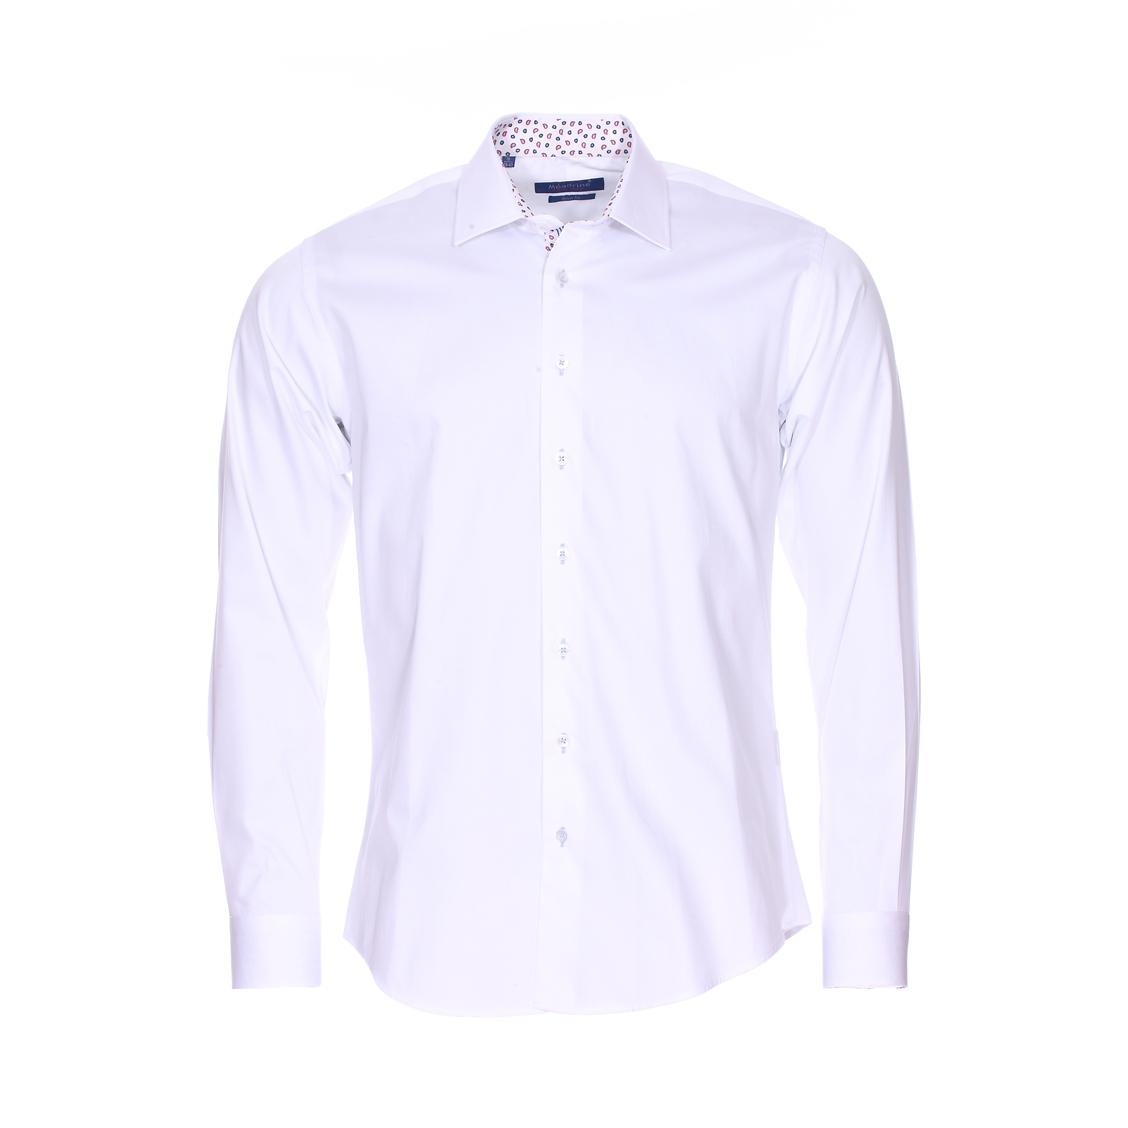 Chemise cintrée  en coton blanc à opposition à motifs cachemires rouges et bleu marine